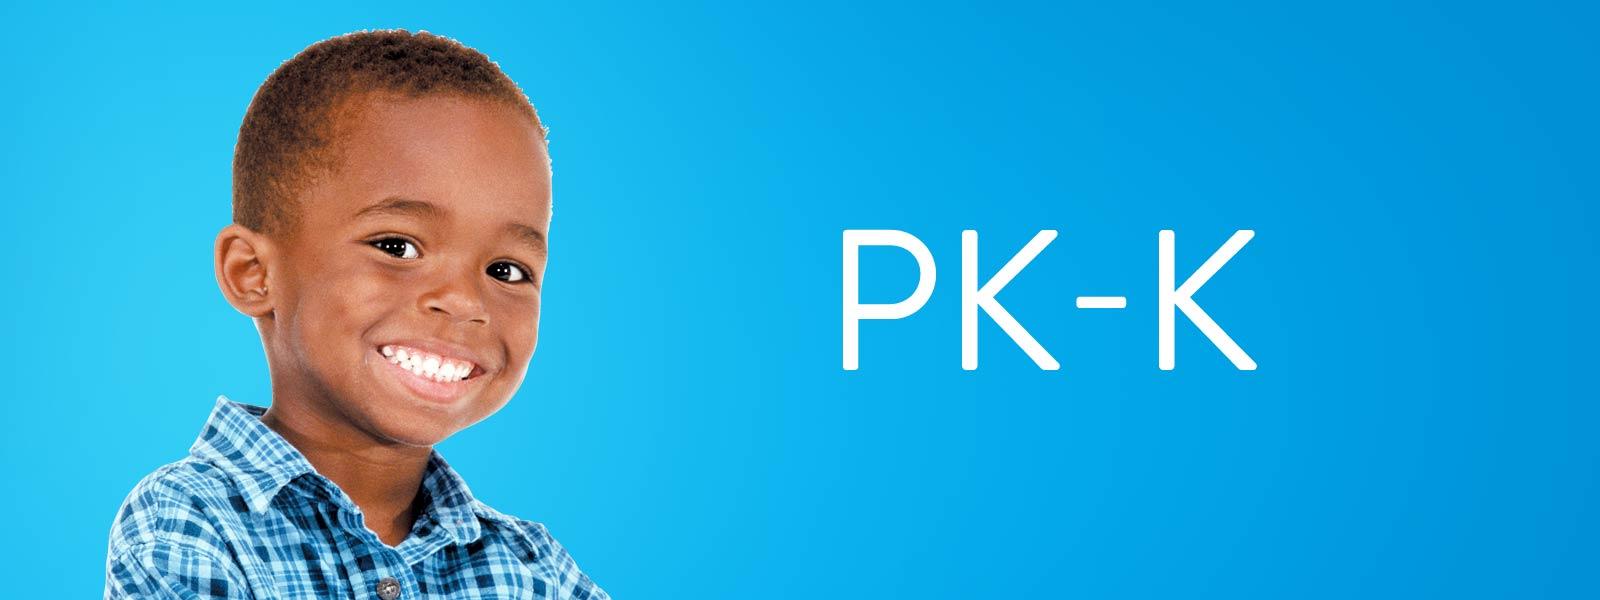 pk-k.jpg